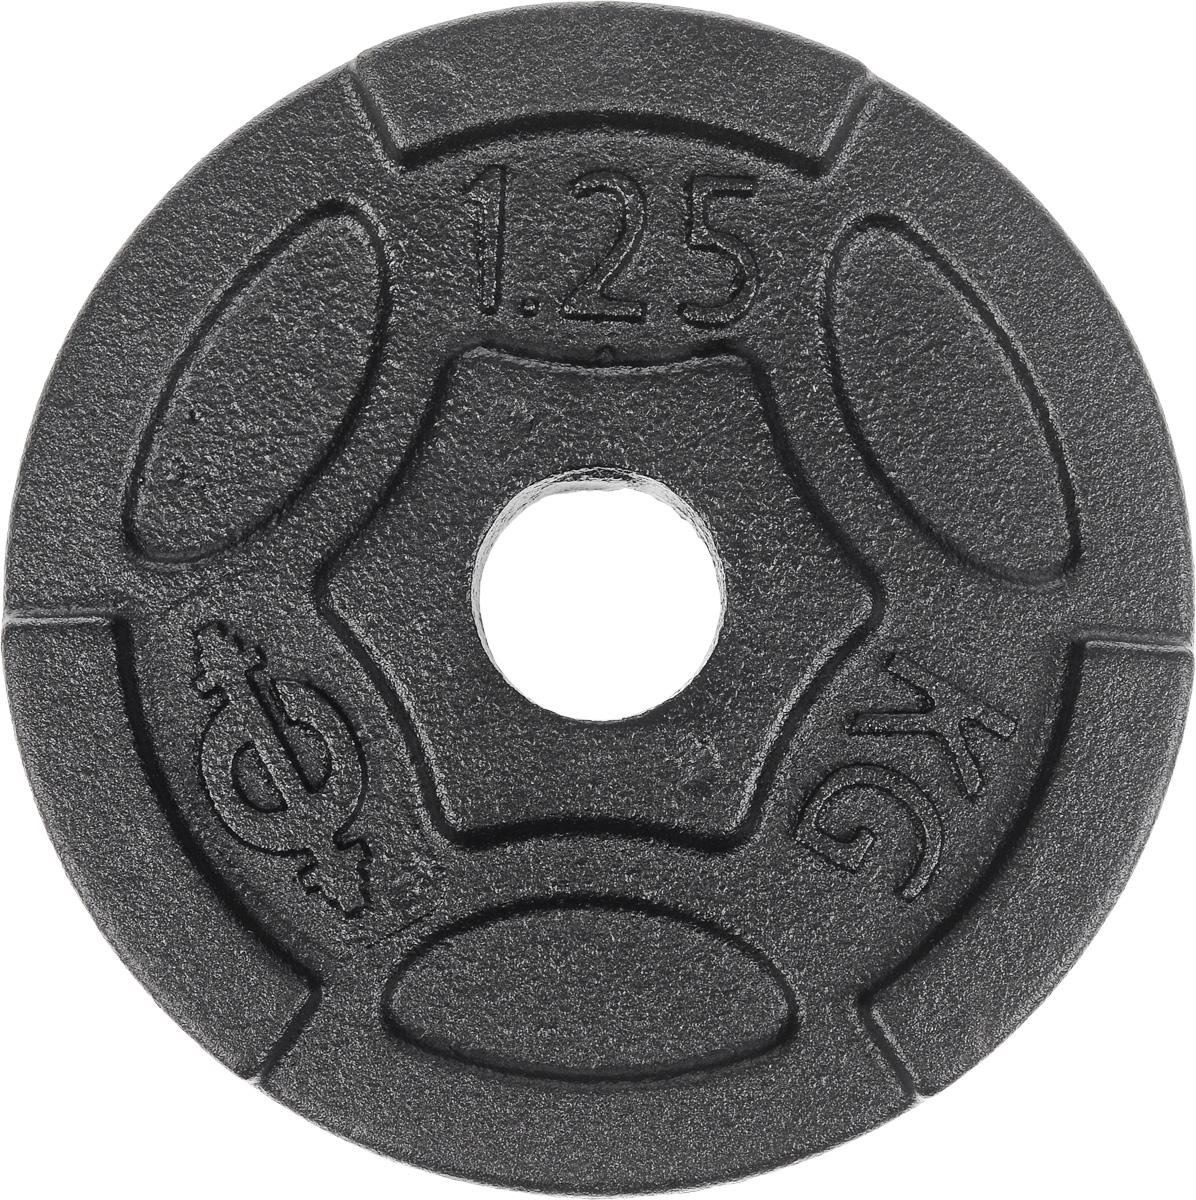 Диск чугунный Euro-Classic, 1,25 кг, посадочный диаметр 26 ммES-0243Идеальная геометрия и ровная поверхность диска Euro-Classic достигается путем применения самого современного оборудования, полностью исключающего механическую обработку изделий. Он выполнен из прочного чугуна с покрытием из порошковой краской. Захваты для рук позволяют без труда поднимать диски с пола. Диаметр диска: 12,8 см. Посадочный диаметр: 26 мм. Вес диска: 1,25 кг. Толщина диска: 2 см.